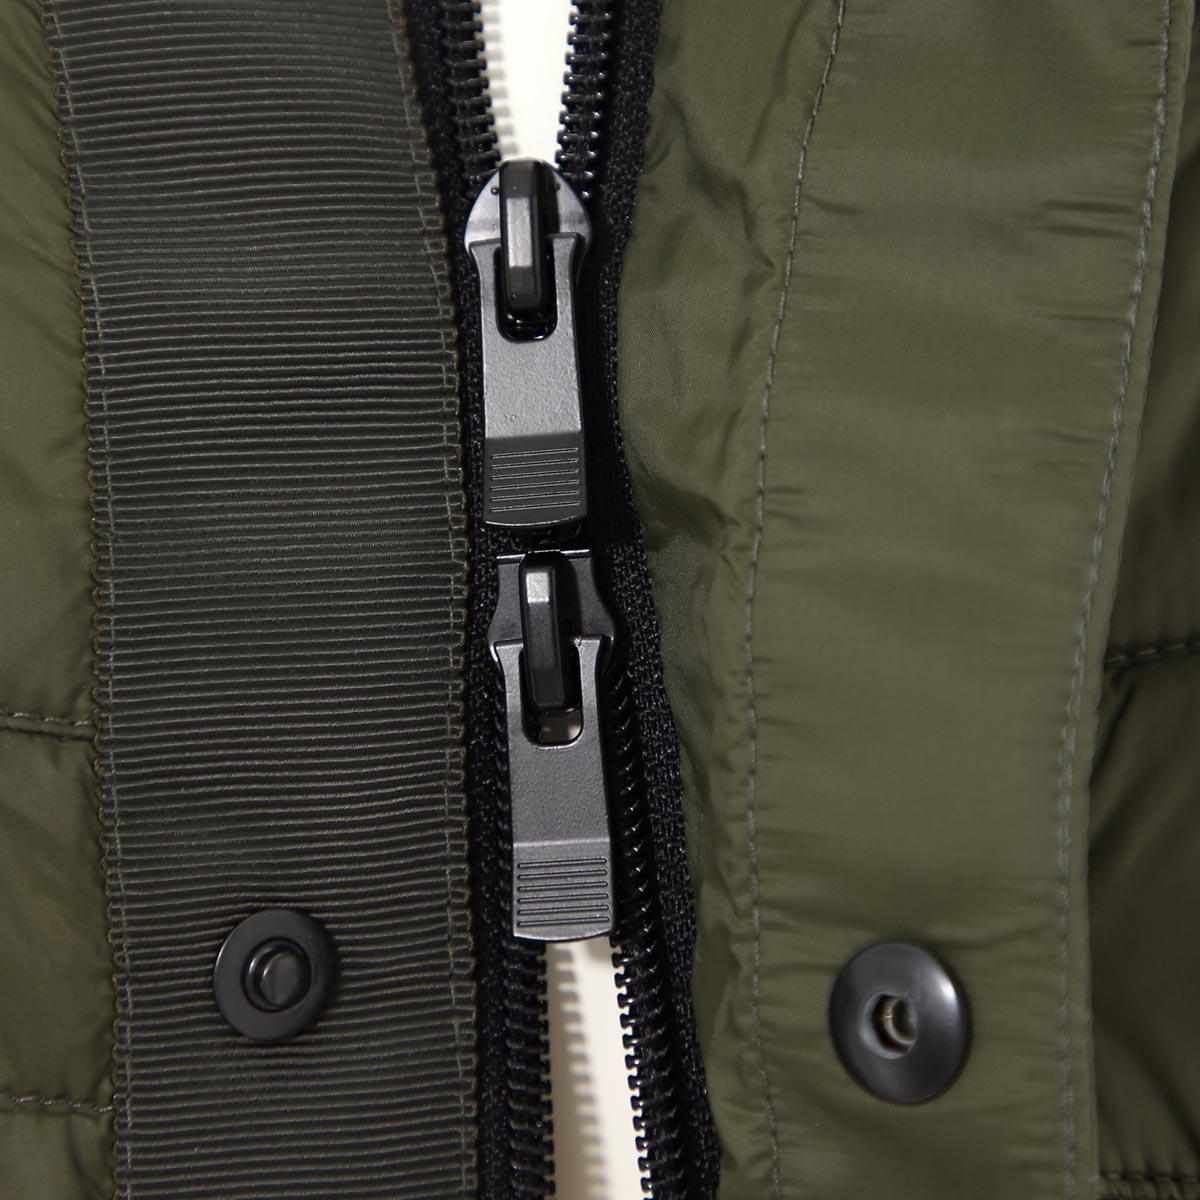 MONTEDORO モンテドーロ キルティングジャケット/URBAN TRAVELER【大きいサイズあり】 メンズ